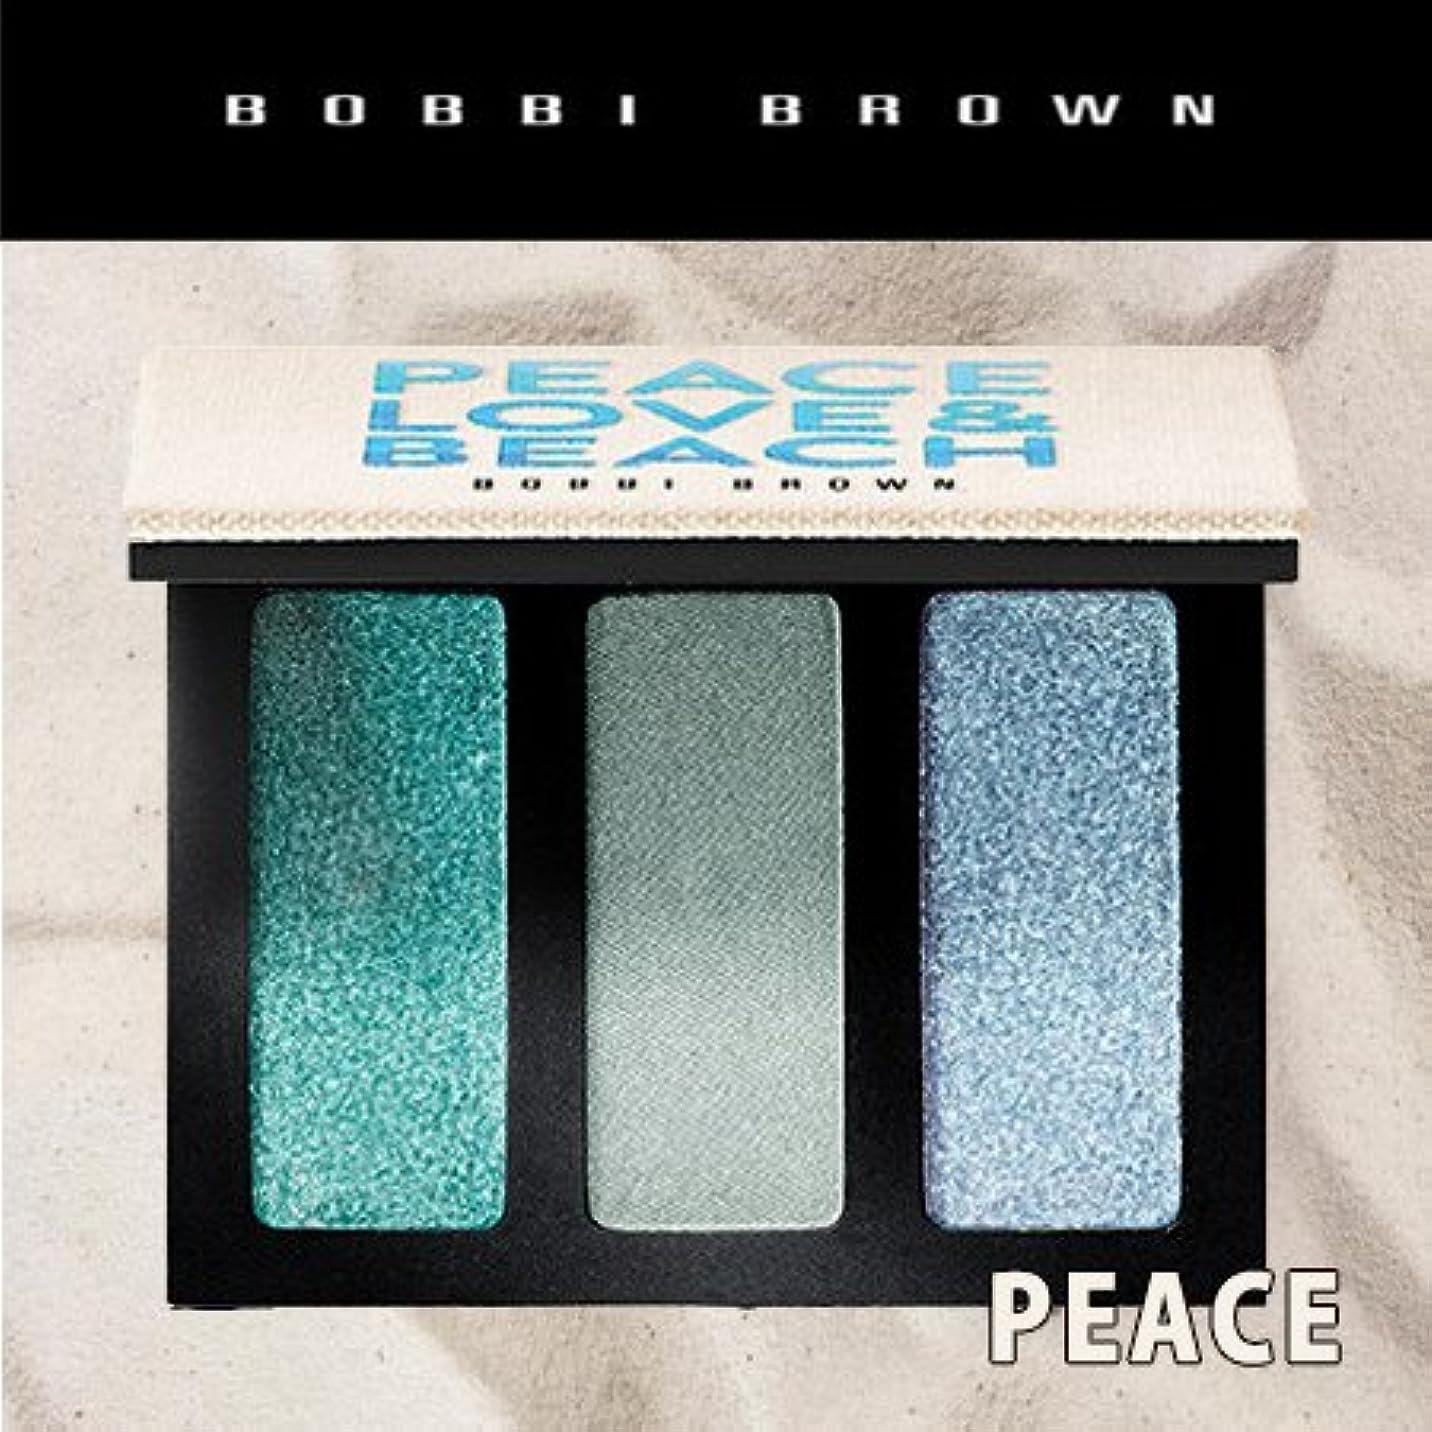 書店ダイヤモンド悲鳴ボビイブラウン アイシャドウ トリオ ピース,ラブ&ビーチ #ピース PEACE (限定品) -BOBBI BROWN- 【並行輸入品】